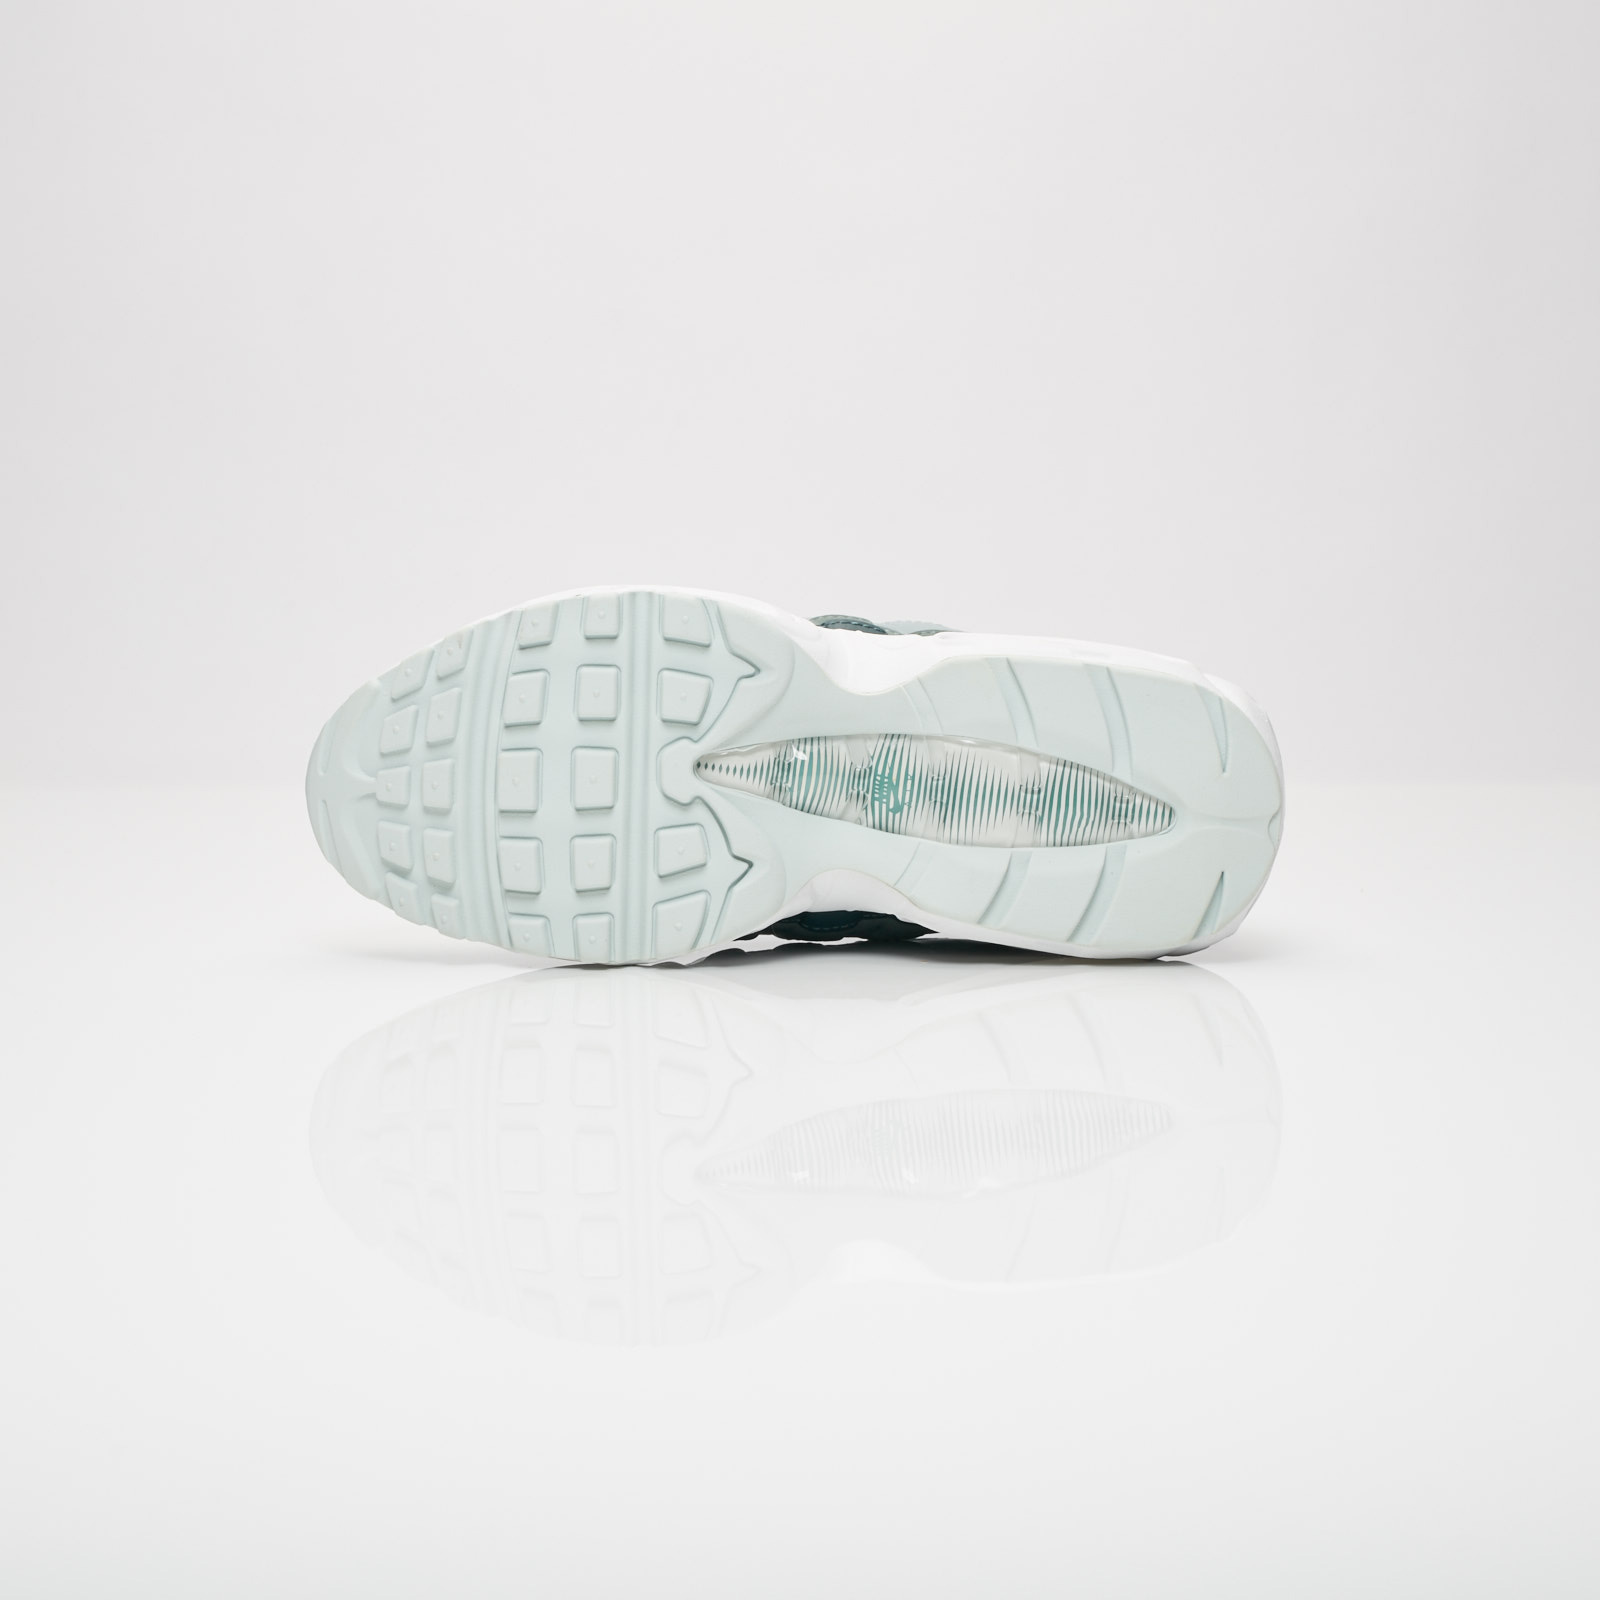 sale retailer 21d10 d8125 ... Nike Sportswear Wmns Air Max 95 ...